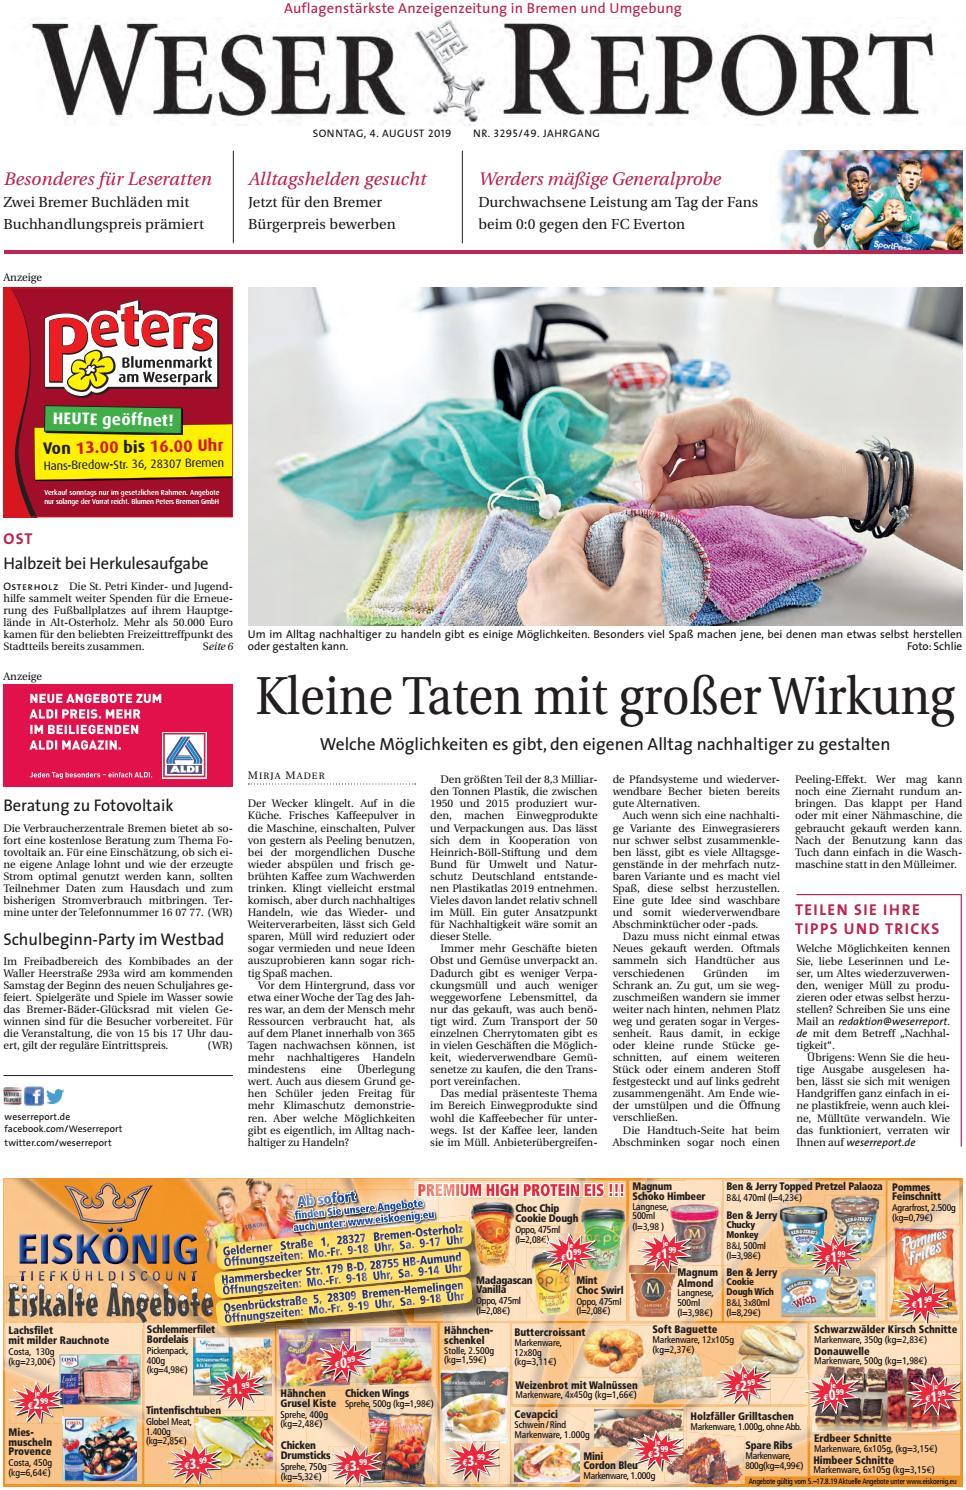 Weser Report Ost Vom 04 08 2019 By Kps Verlagsgesellschaft Mbh